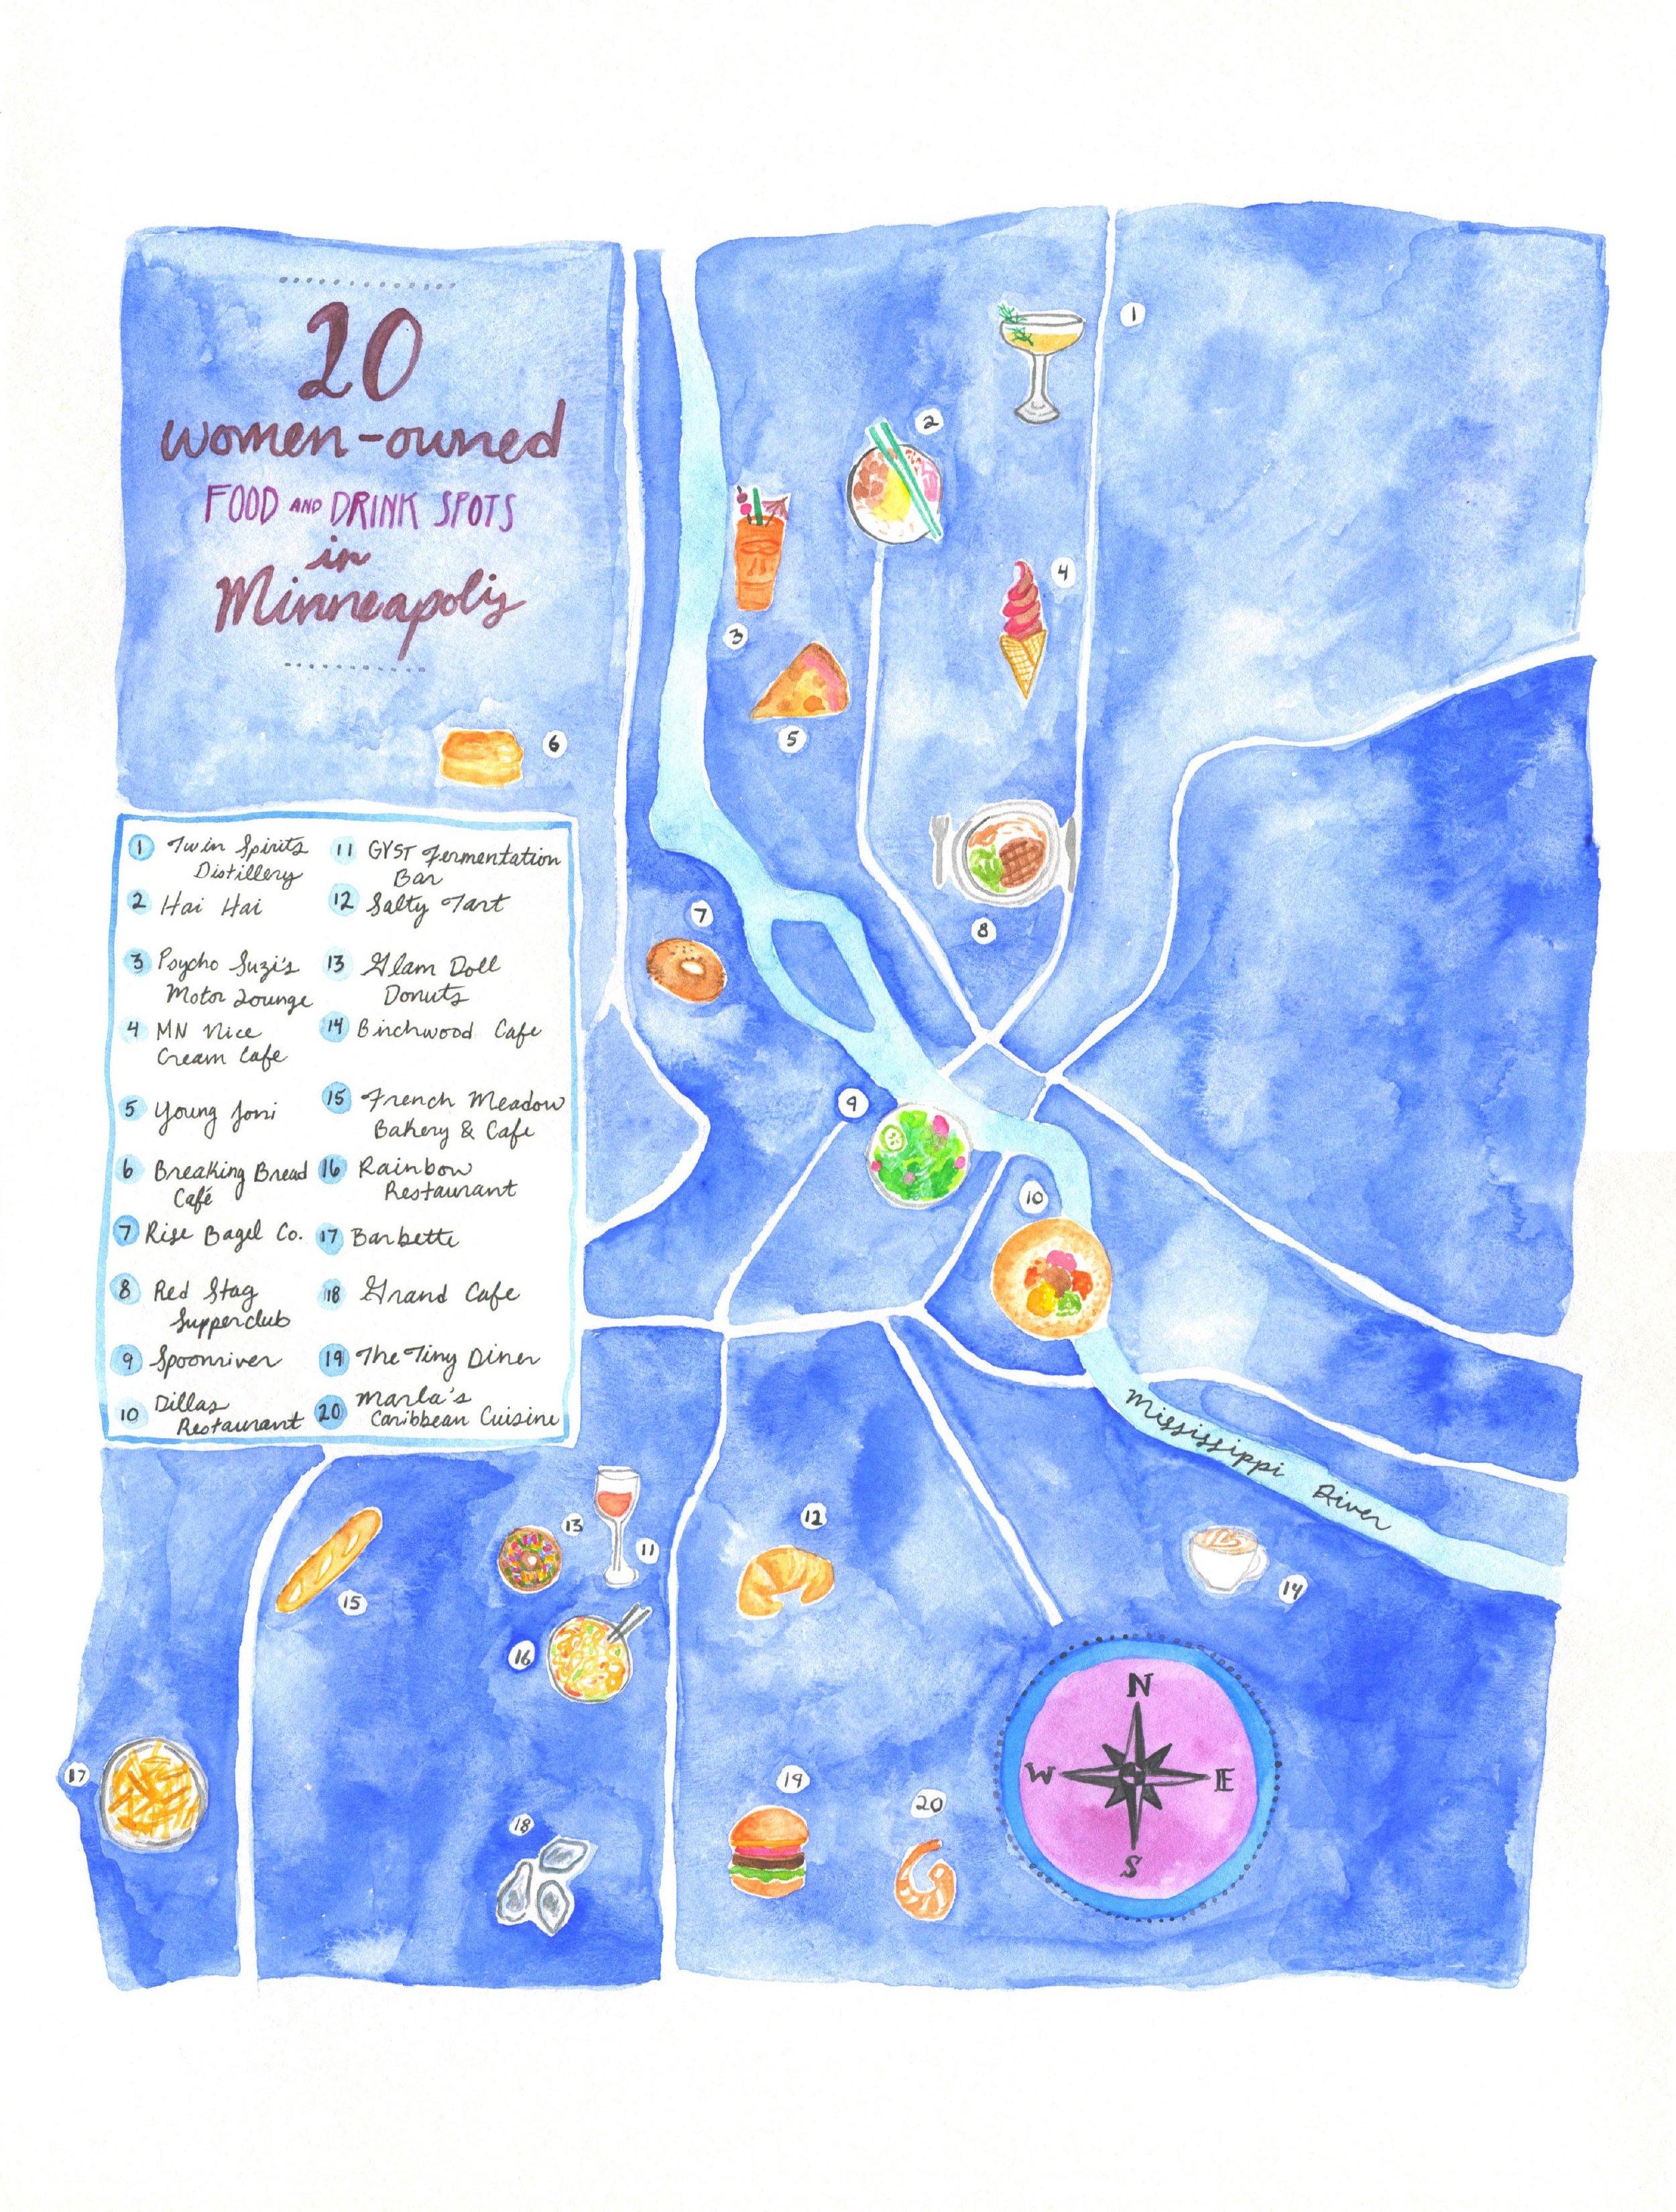 Women owned map 2.jpg